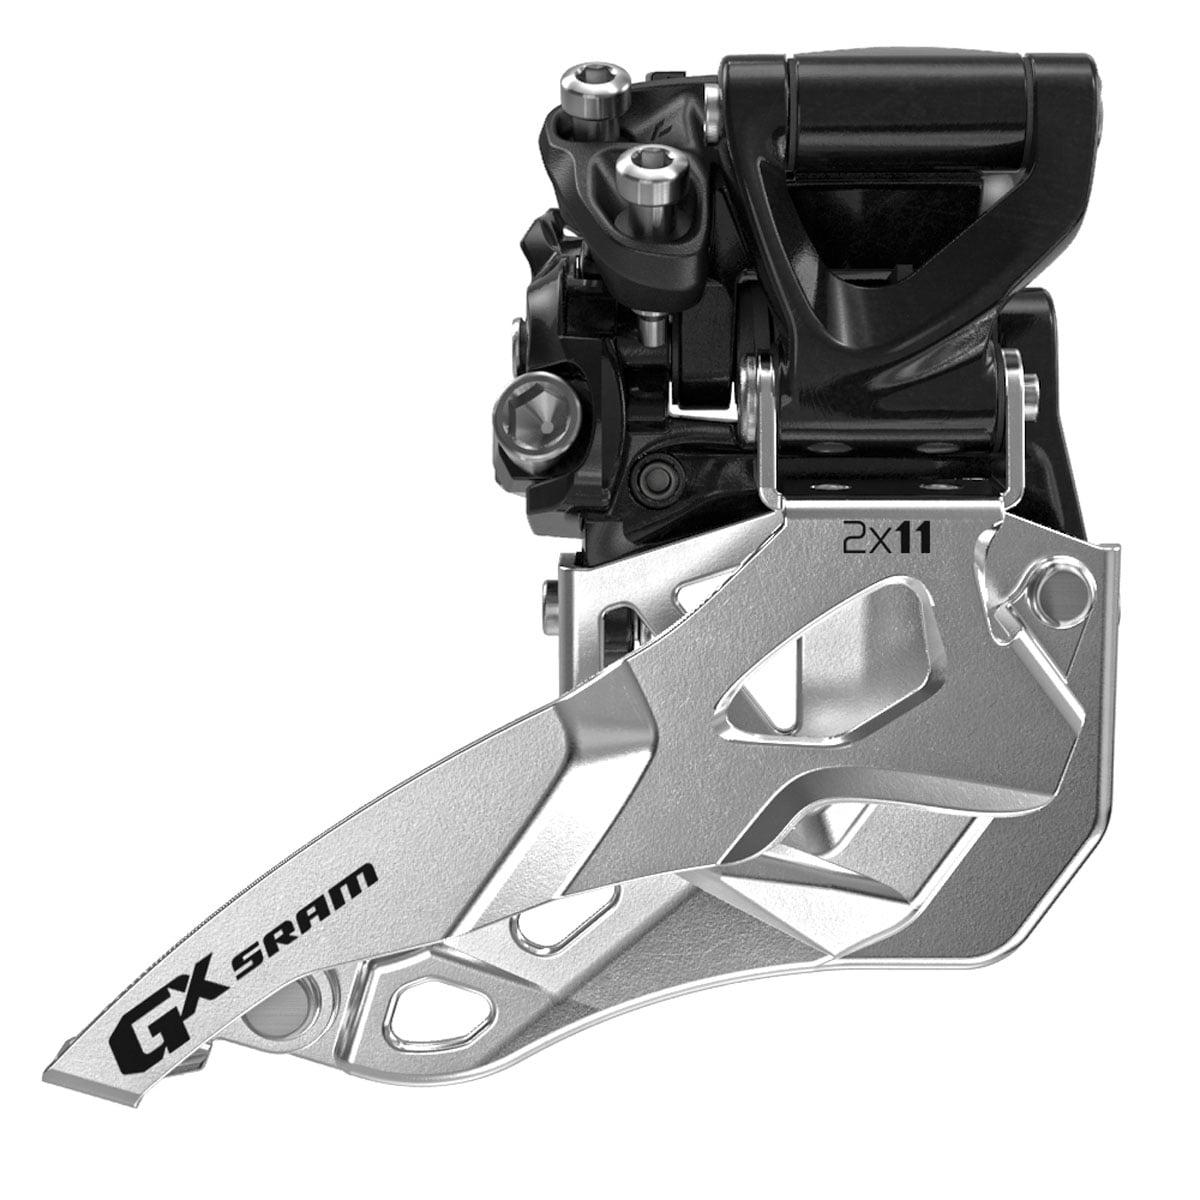 SRAM GX 2x11 High Clamp Top Pull Front Derailleur